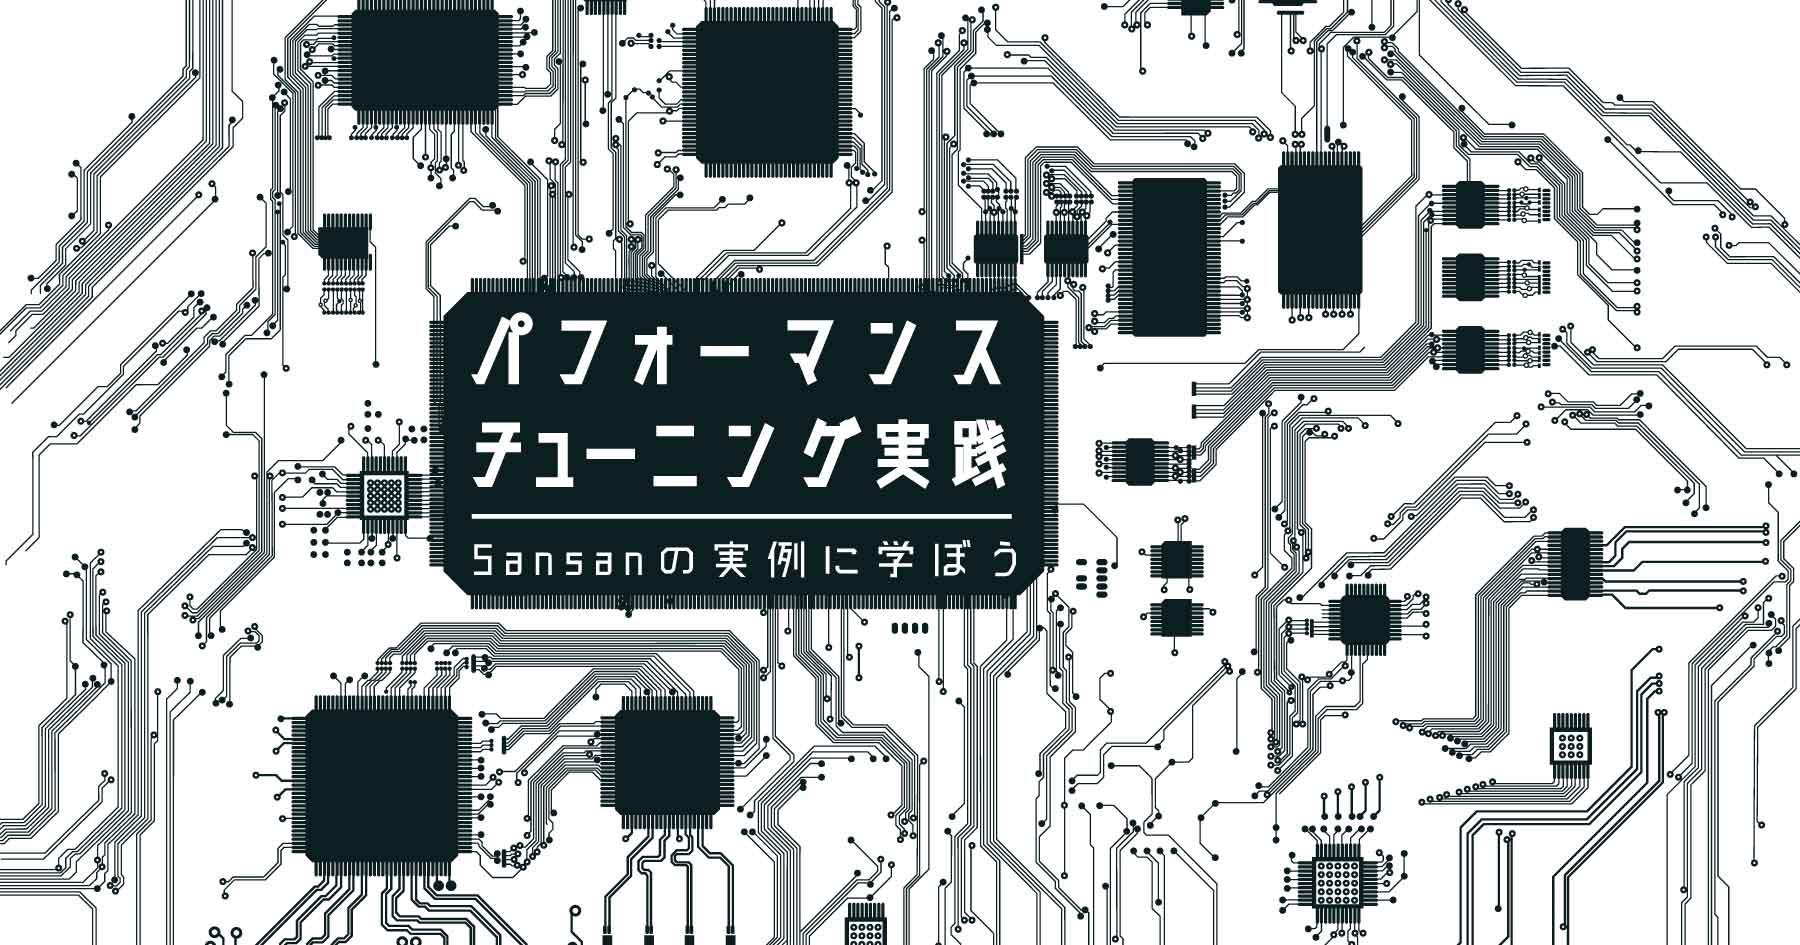 実録パフォーマンス改善 - 高速化のためアーキテクチャやアルゴリズム選択から見直すSansanの事例